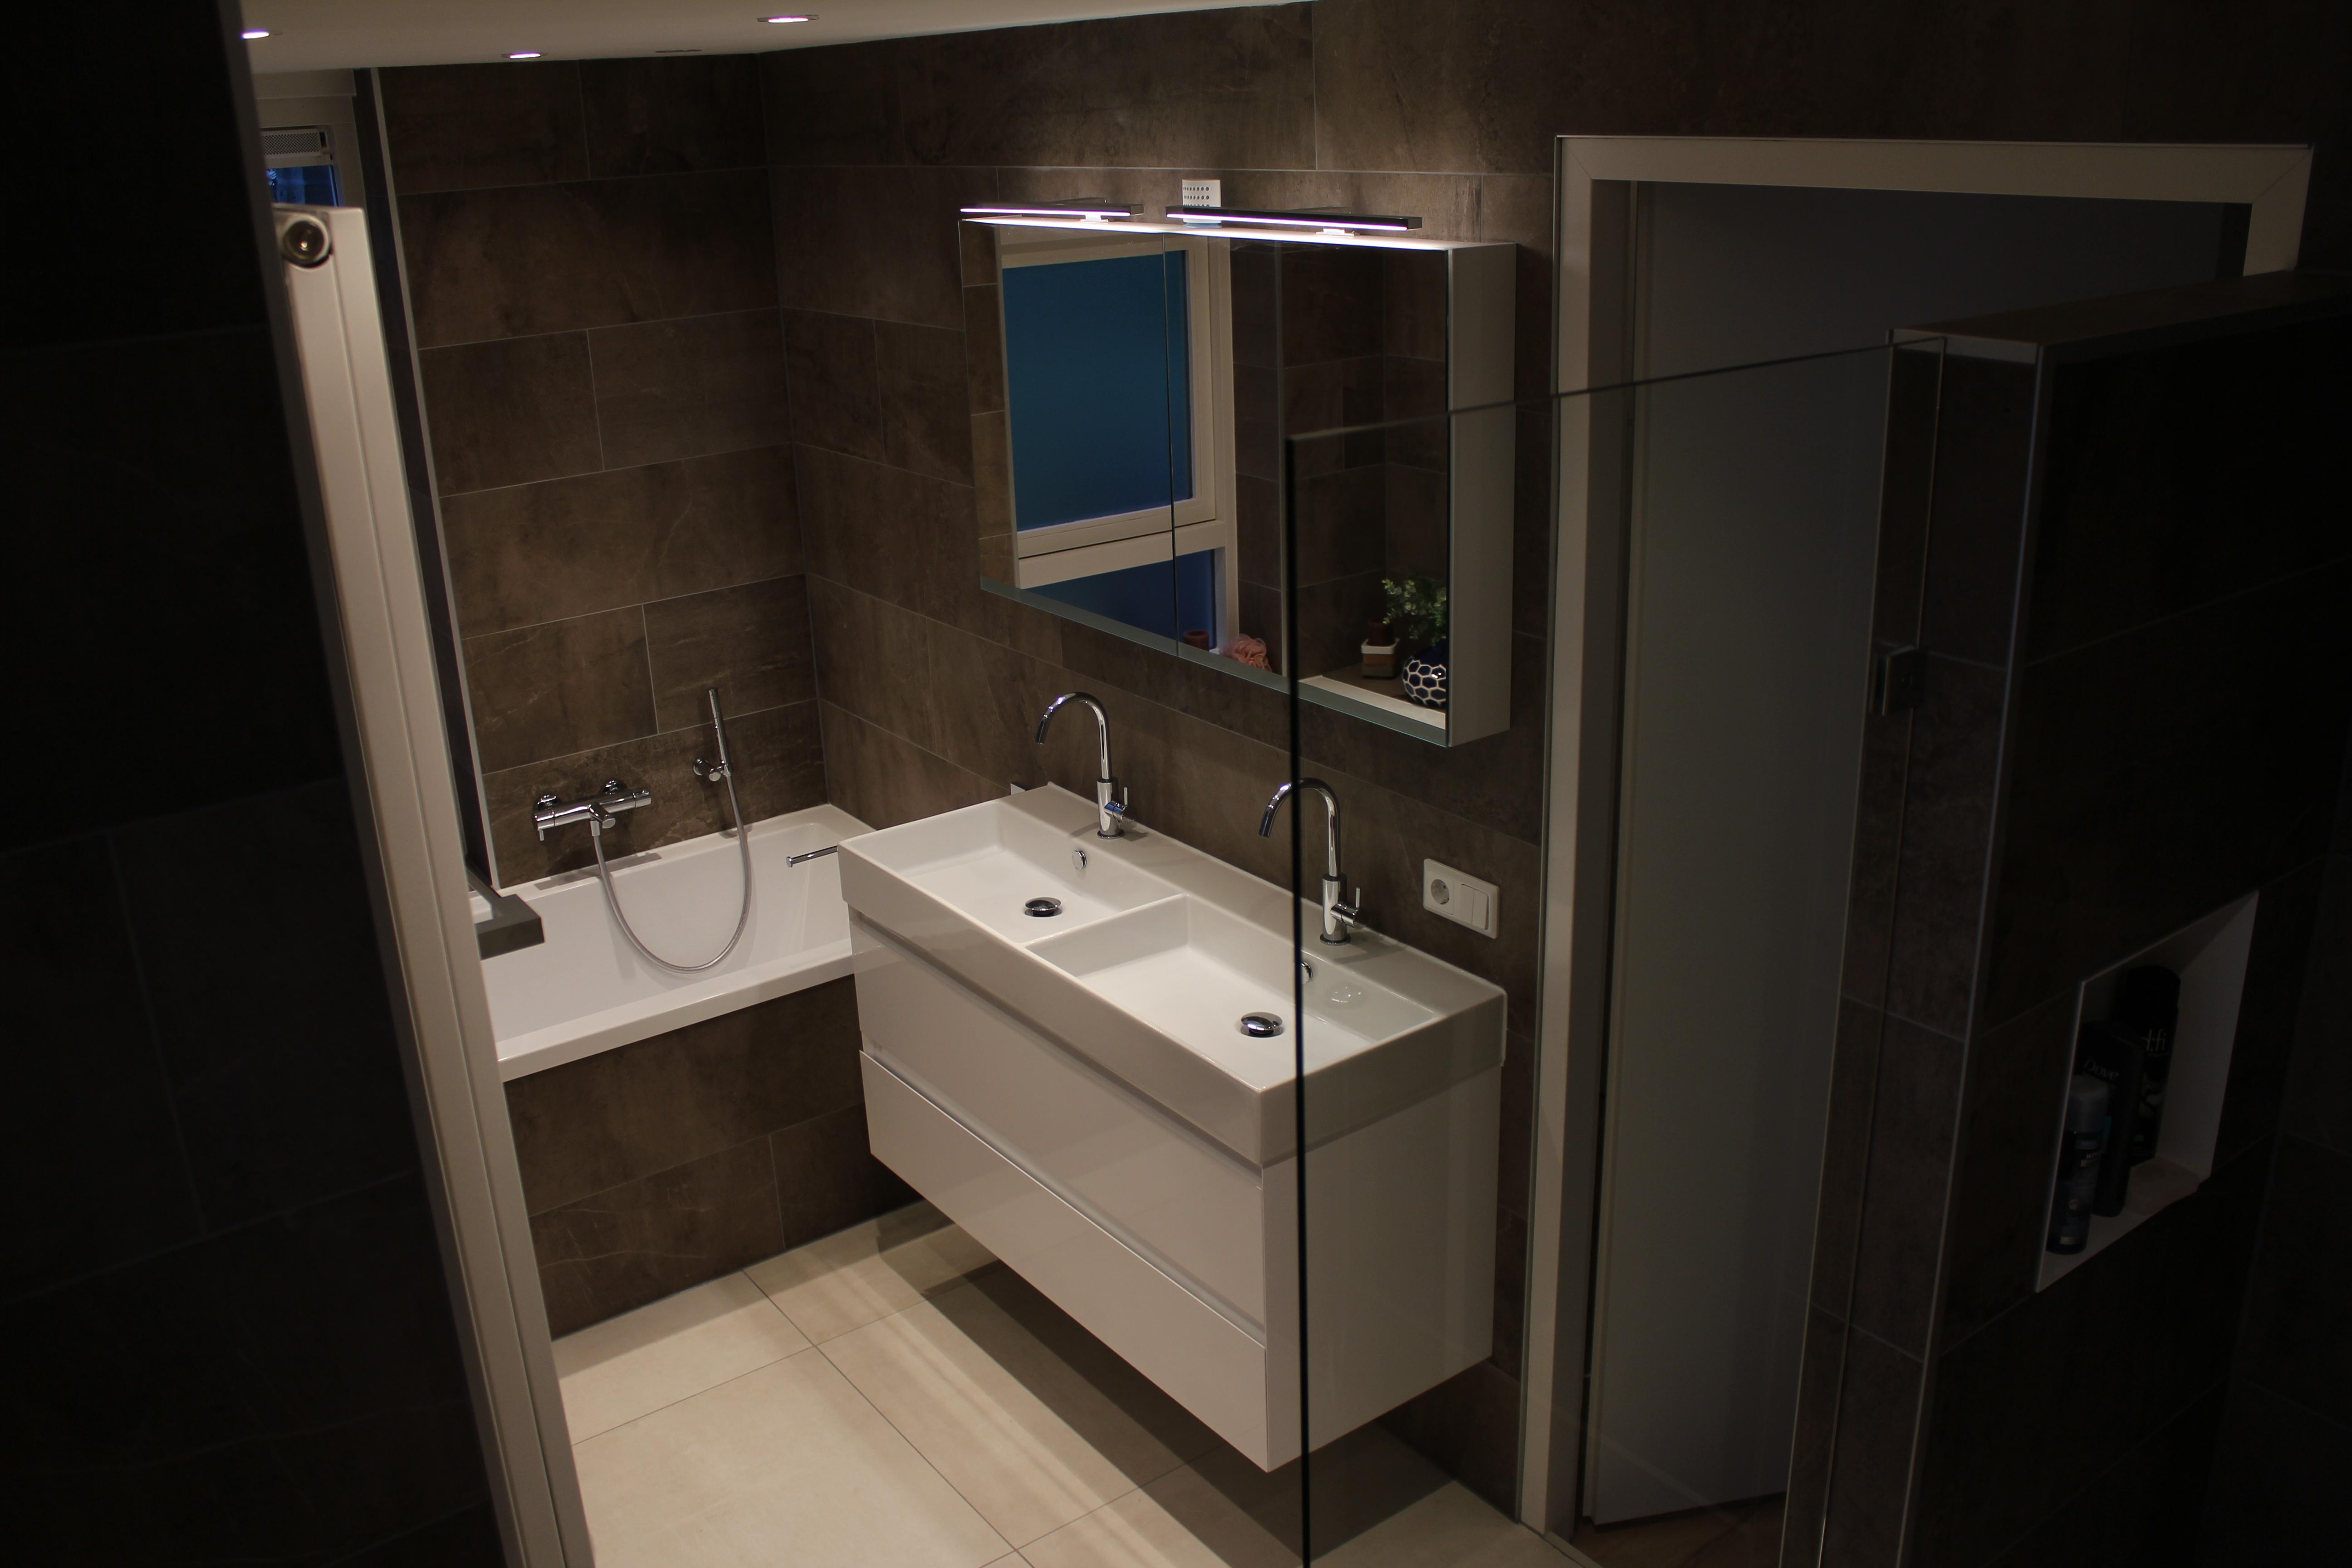 Wc En Badkamers : Partijen mozaïek speciaal geschikt voor wc keuken en badkamer